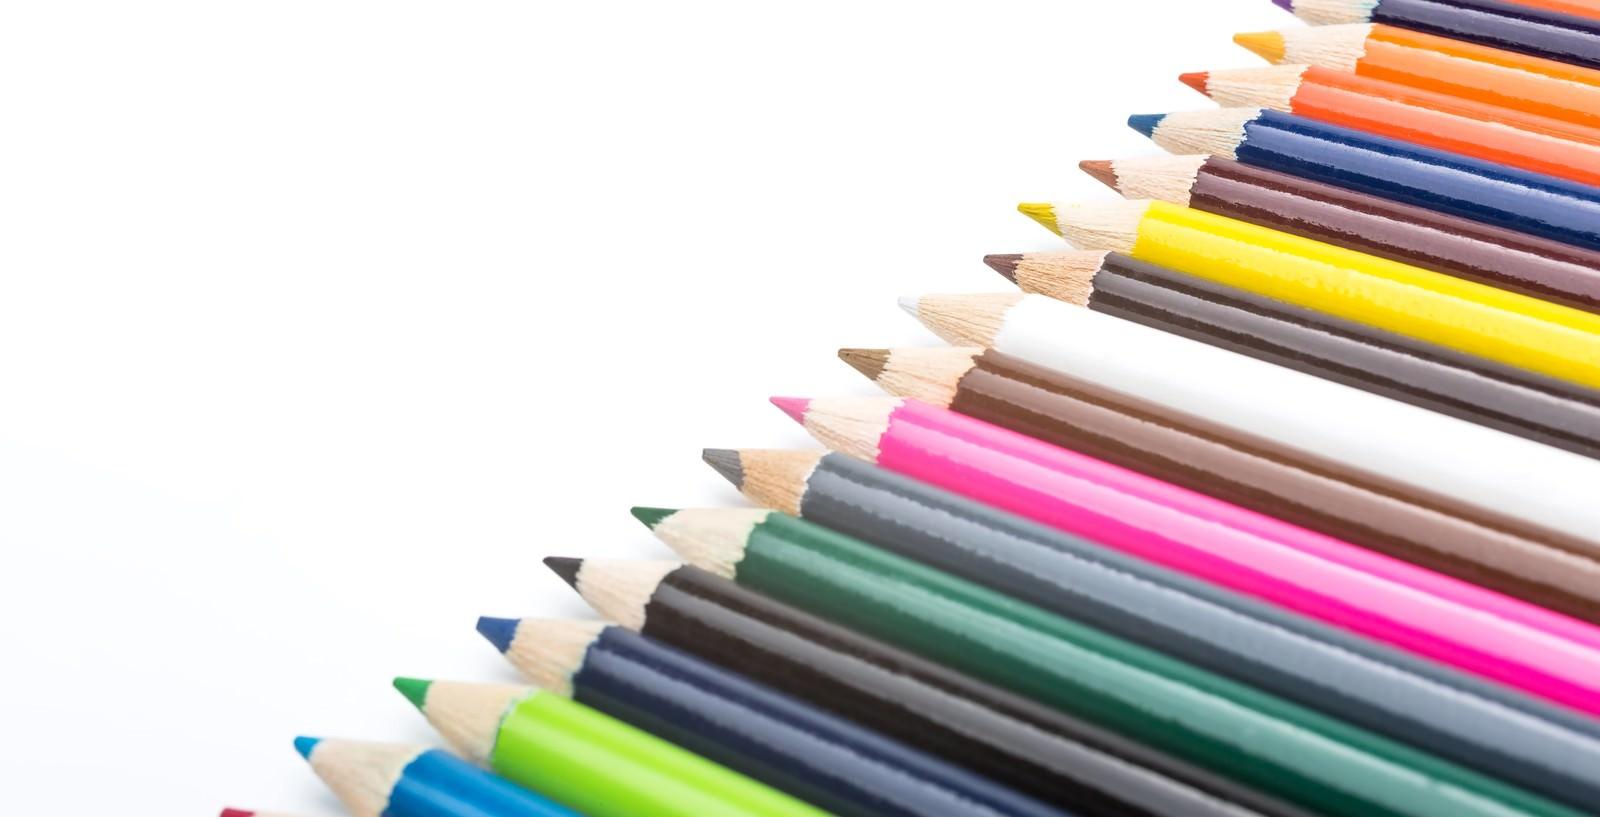 「並べられた色鉛筆」